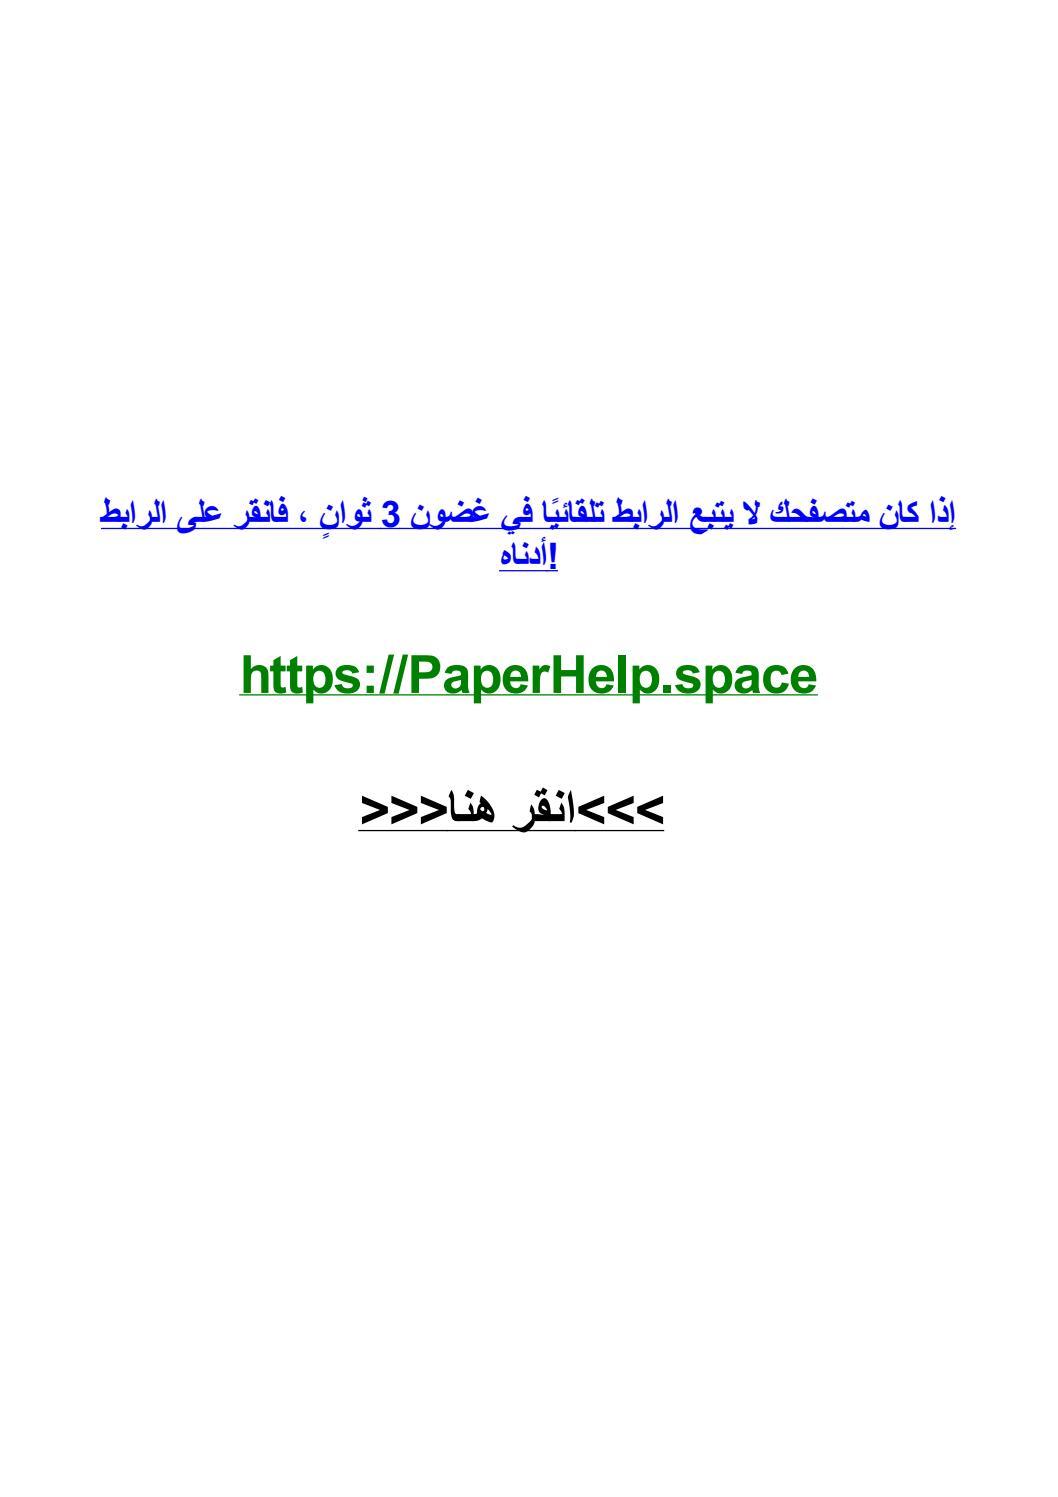 تحويل لغة الماسنجر من الانجليزي الى العربي للايفون By Wandazkvd Issuu